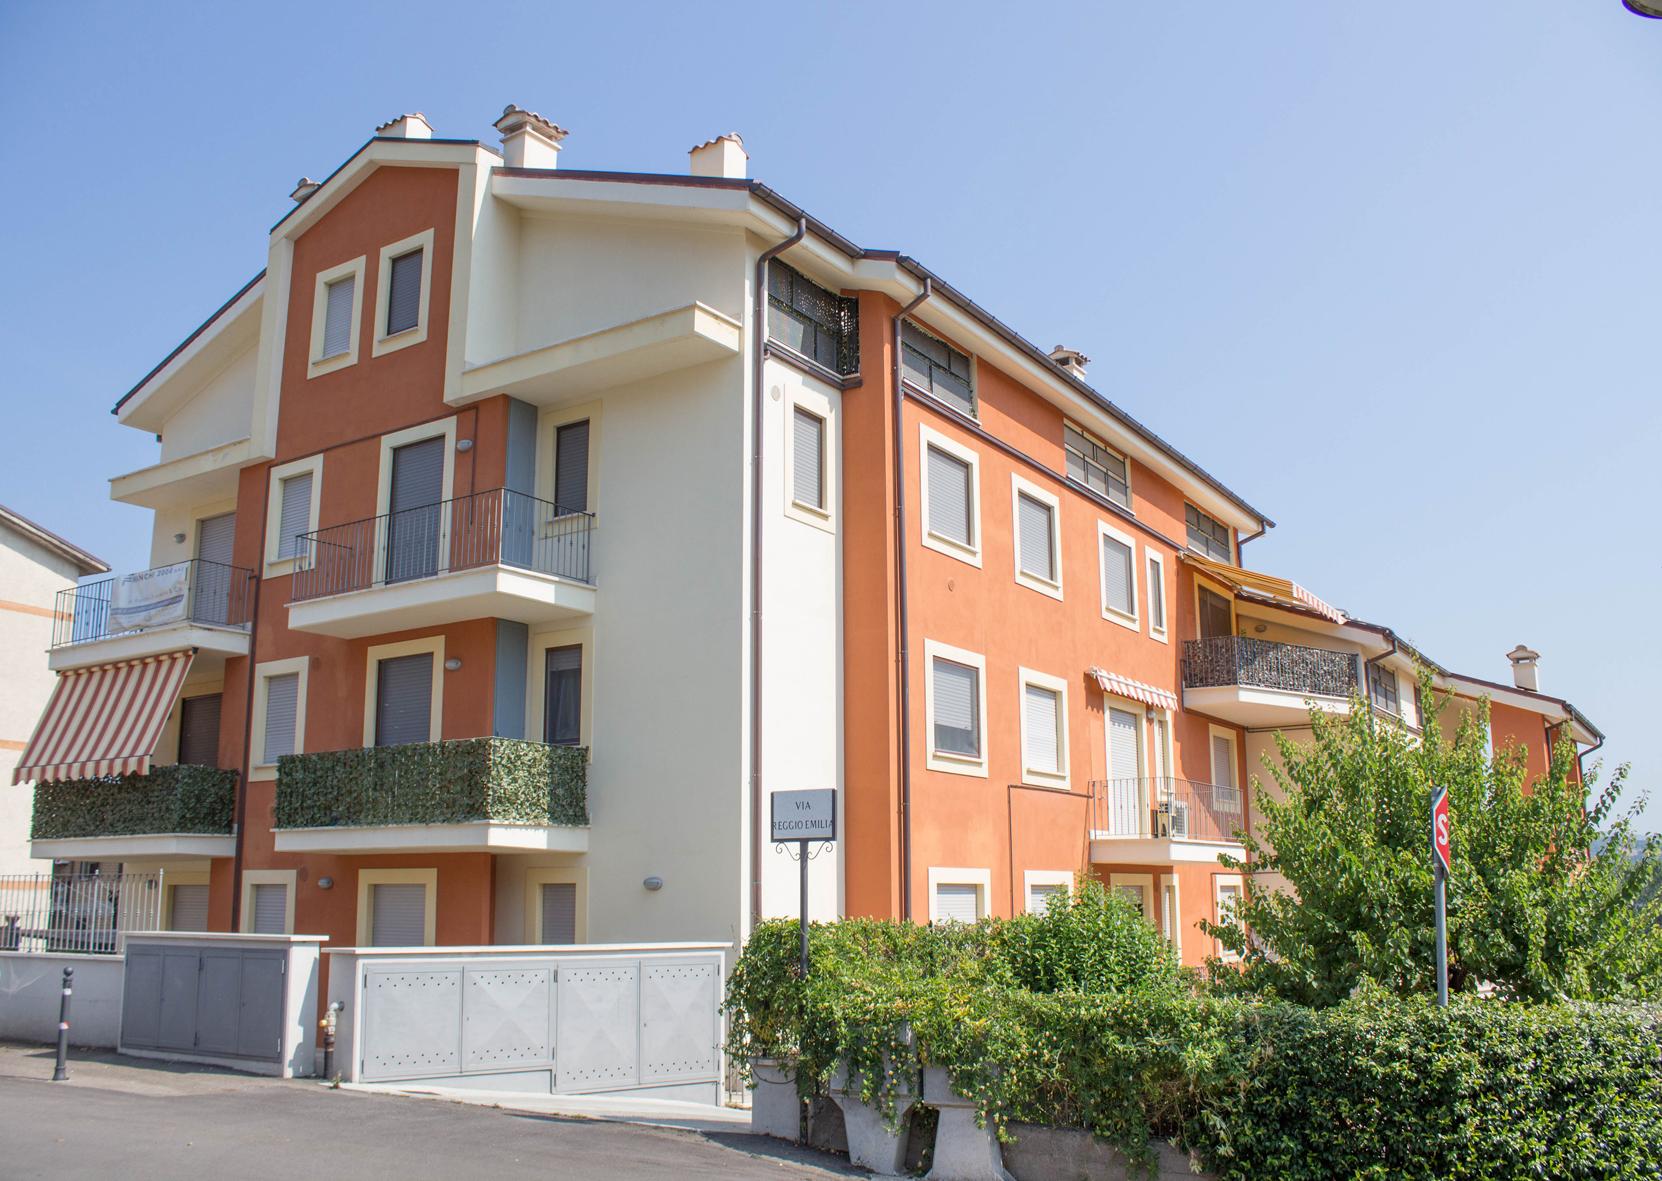 Appartamento in vendita a Orte, 3 locali, zona Località: OrteScalo, prezzo € 143.000 | CambioCasa.it